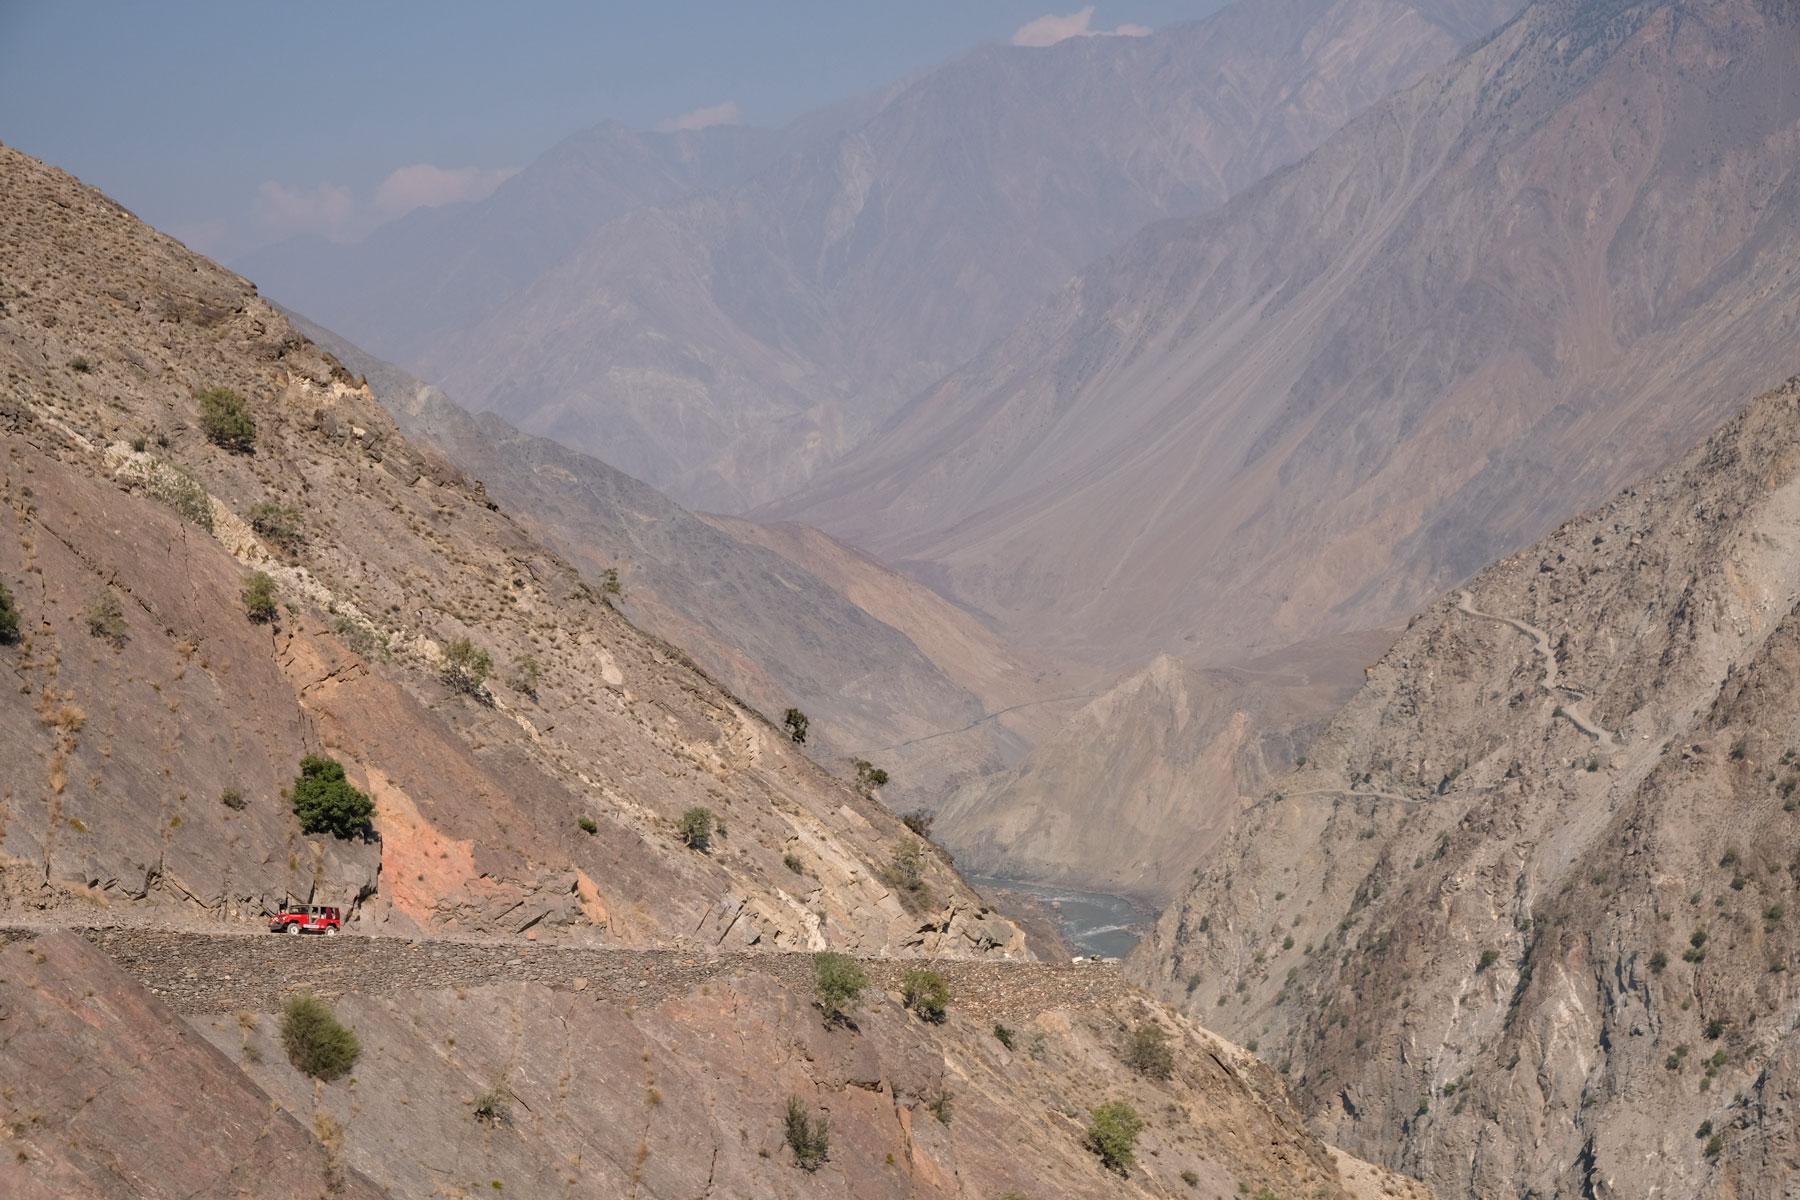 Ein roter Geländewagen auf einer schmalen Gebirgsstraße im Karakorumgebirge.